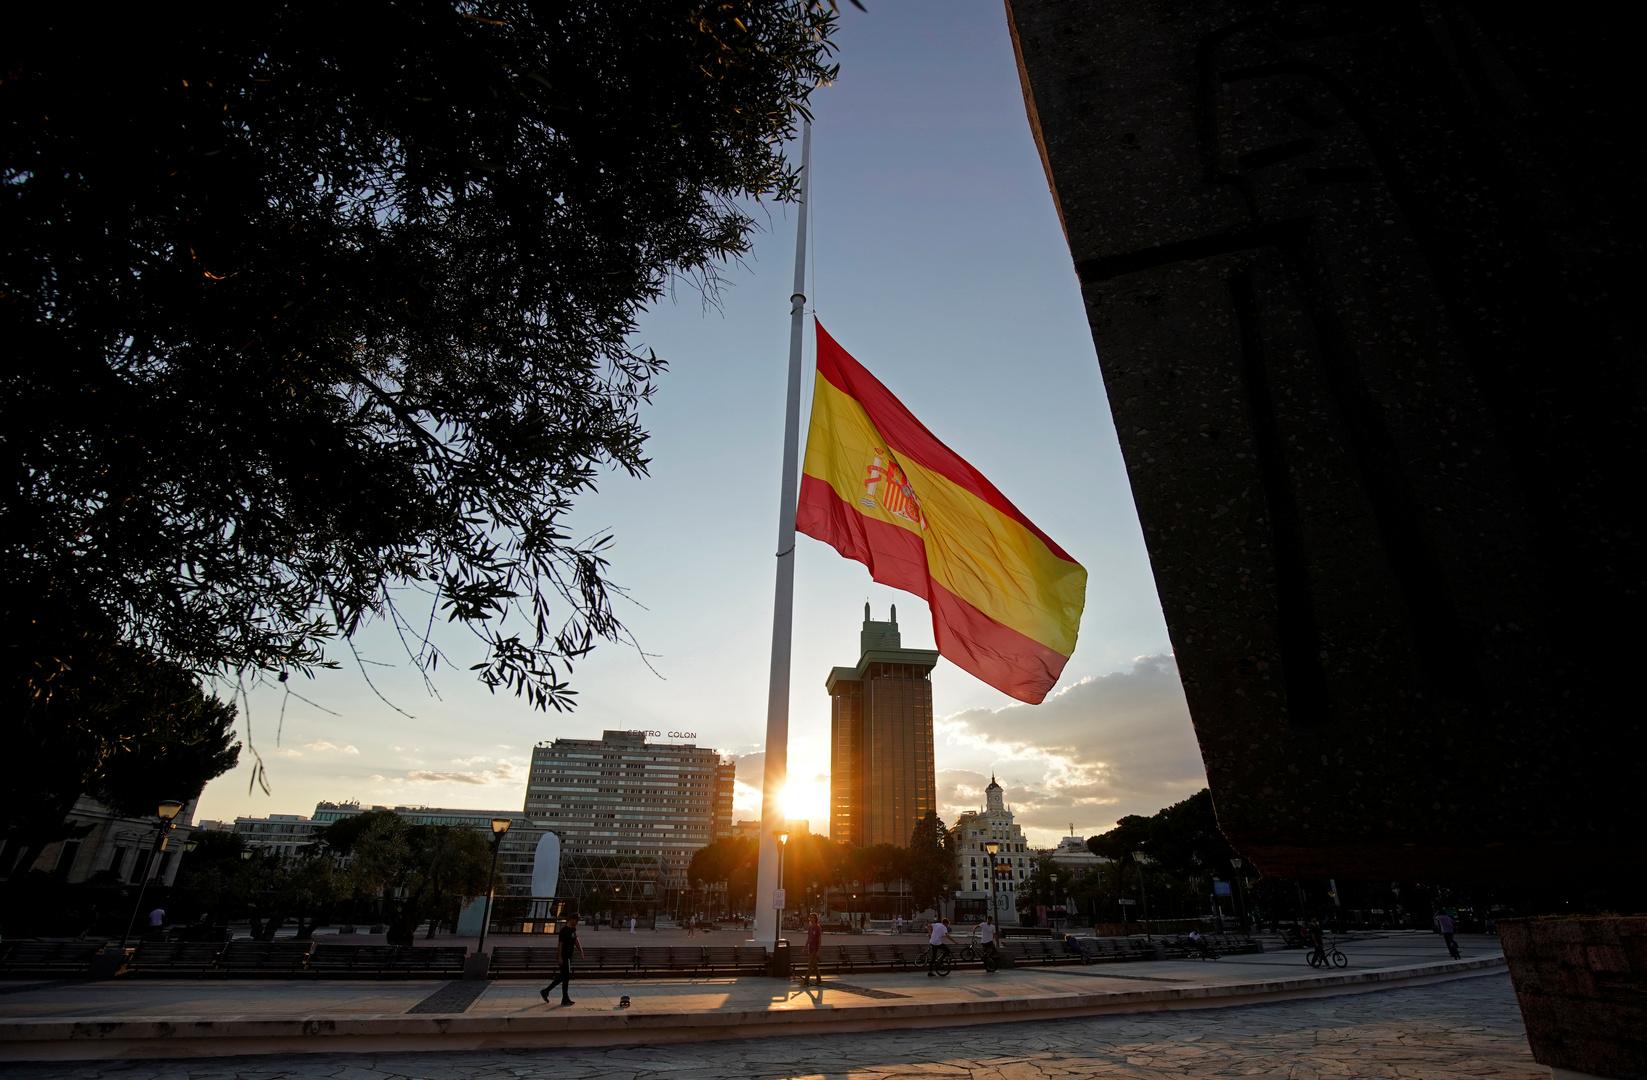 إسبانيا تسجل أول وفاة بفيروس كورونا منذ 3 أيام